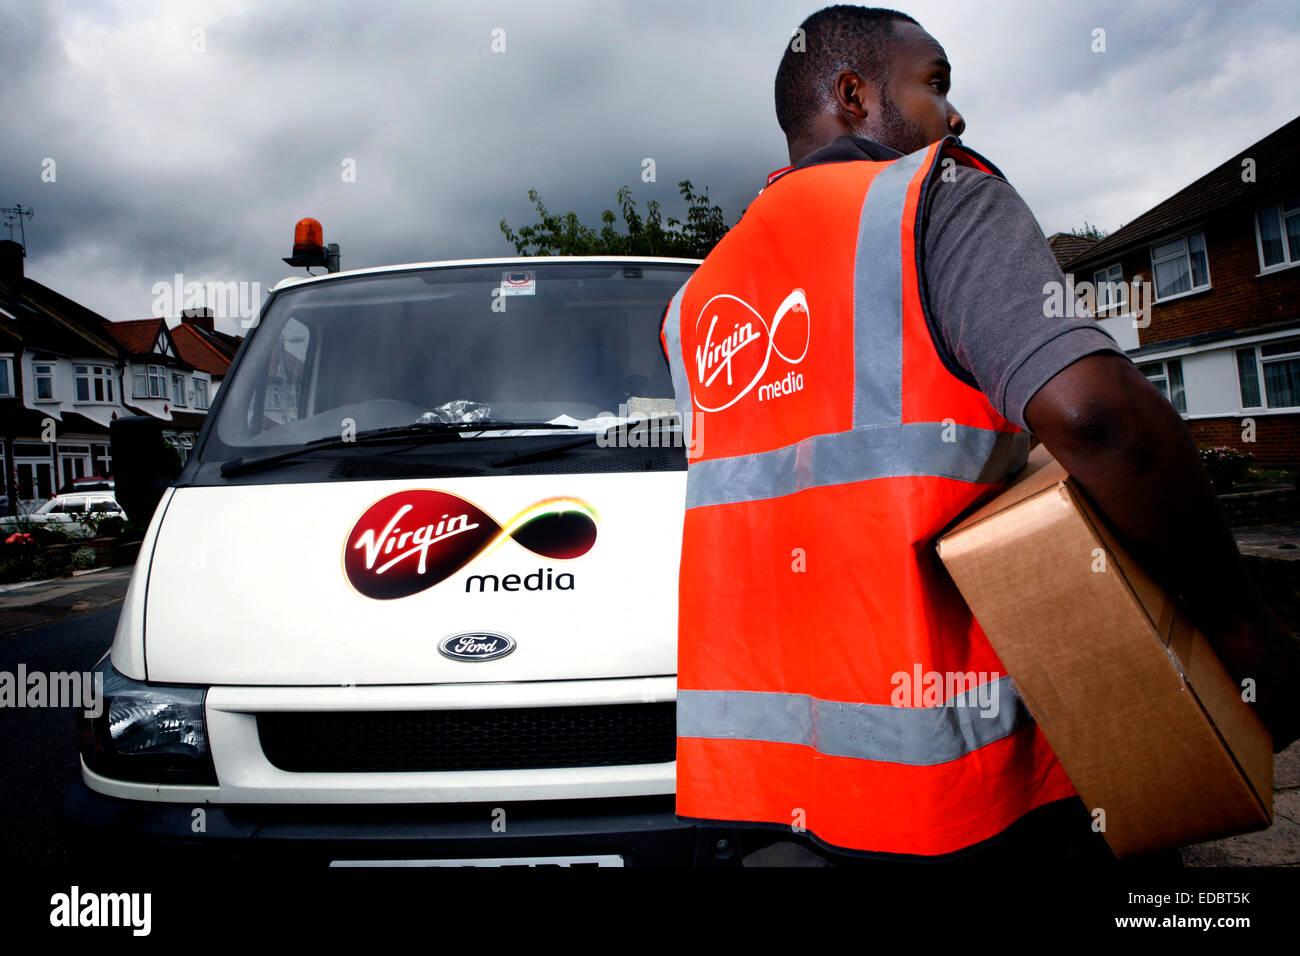 A Virgin Media employee delivering a digital tv reciever. - Stock Image